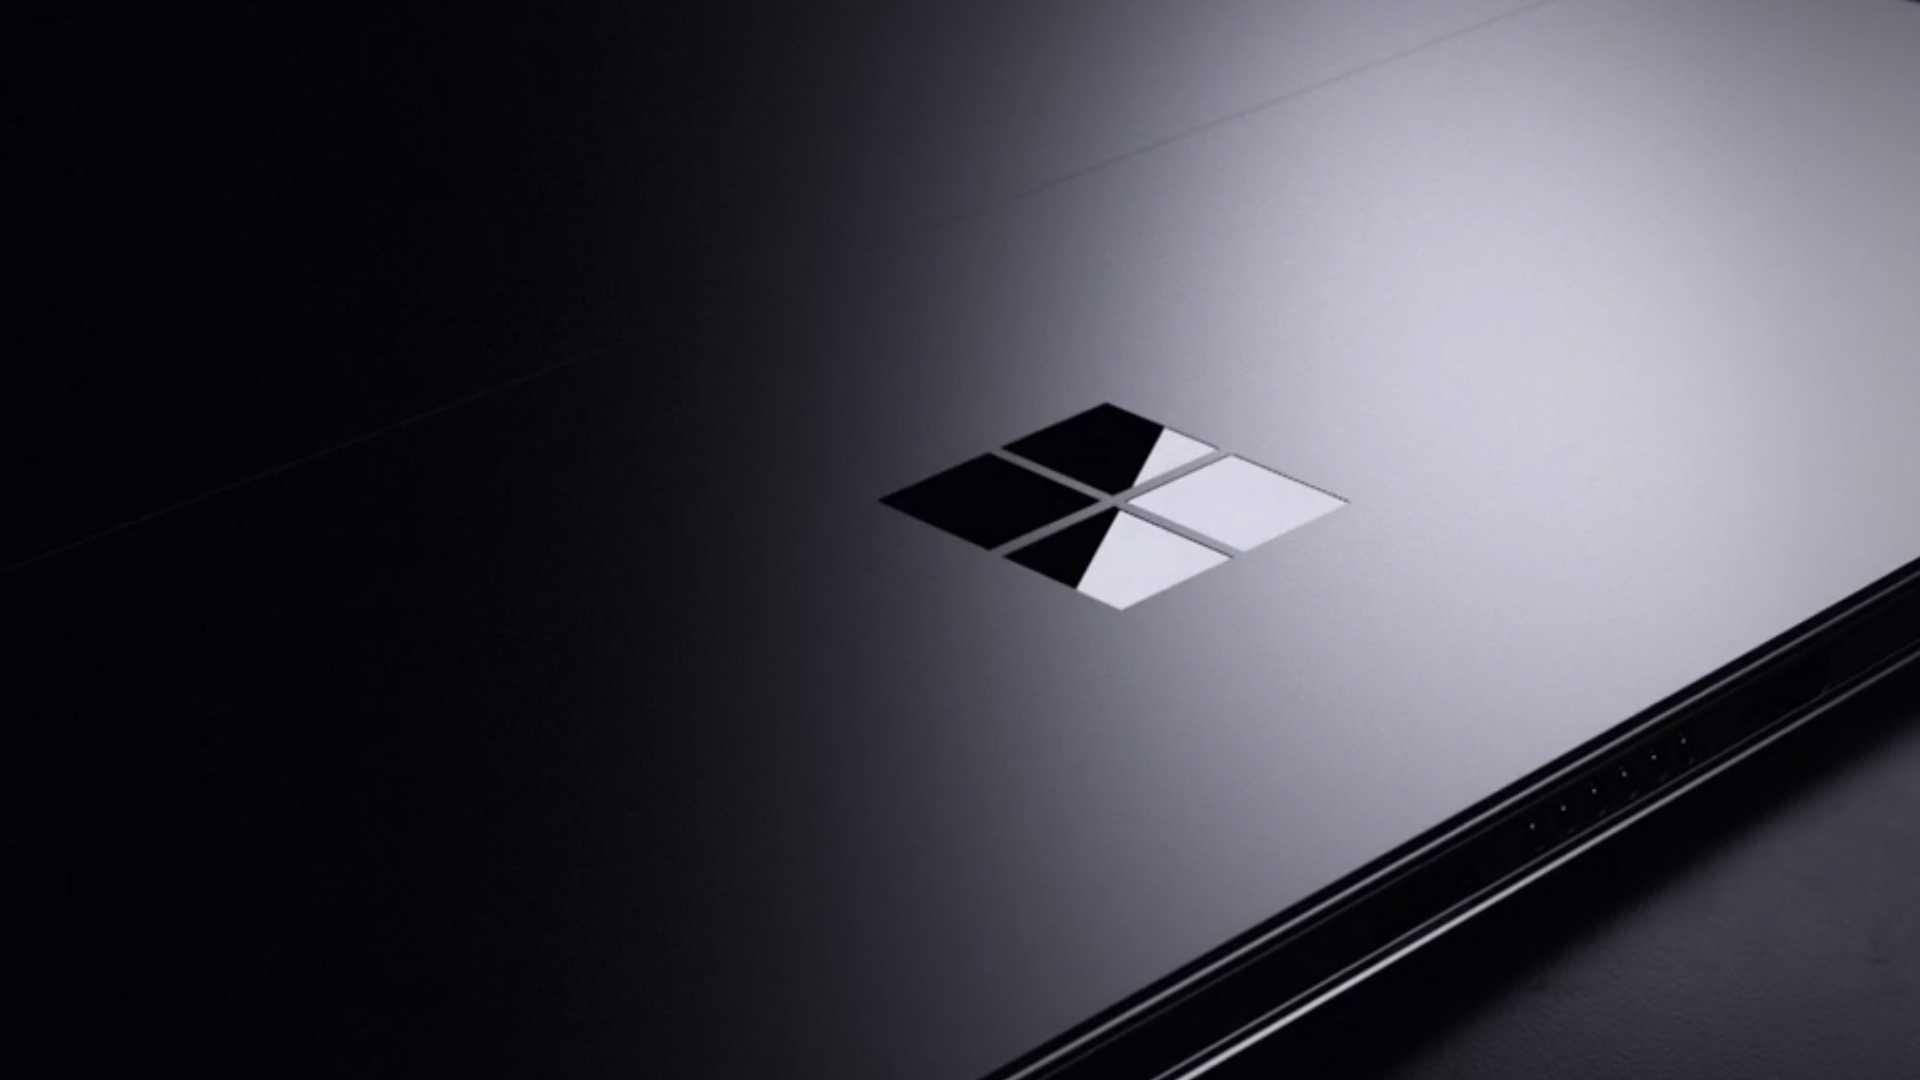 Un mystérieux Surface Book apparaît en noir